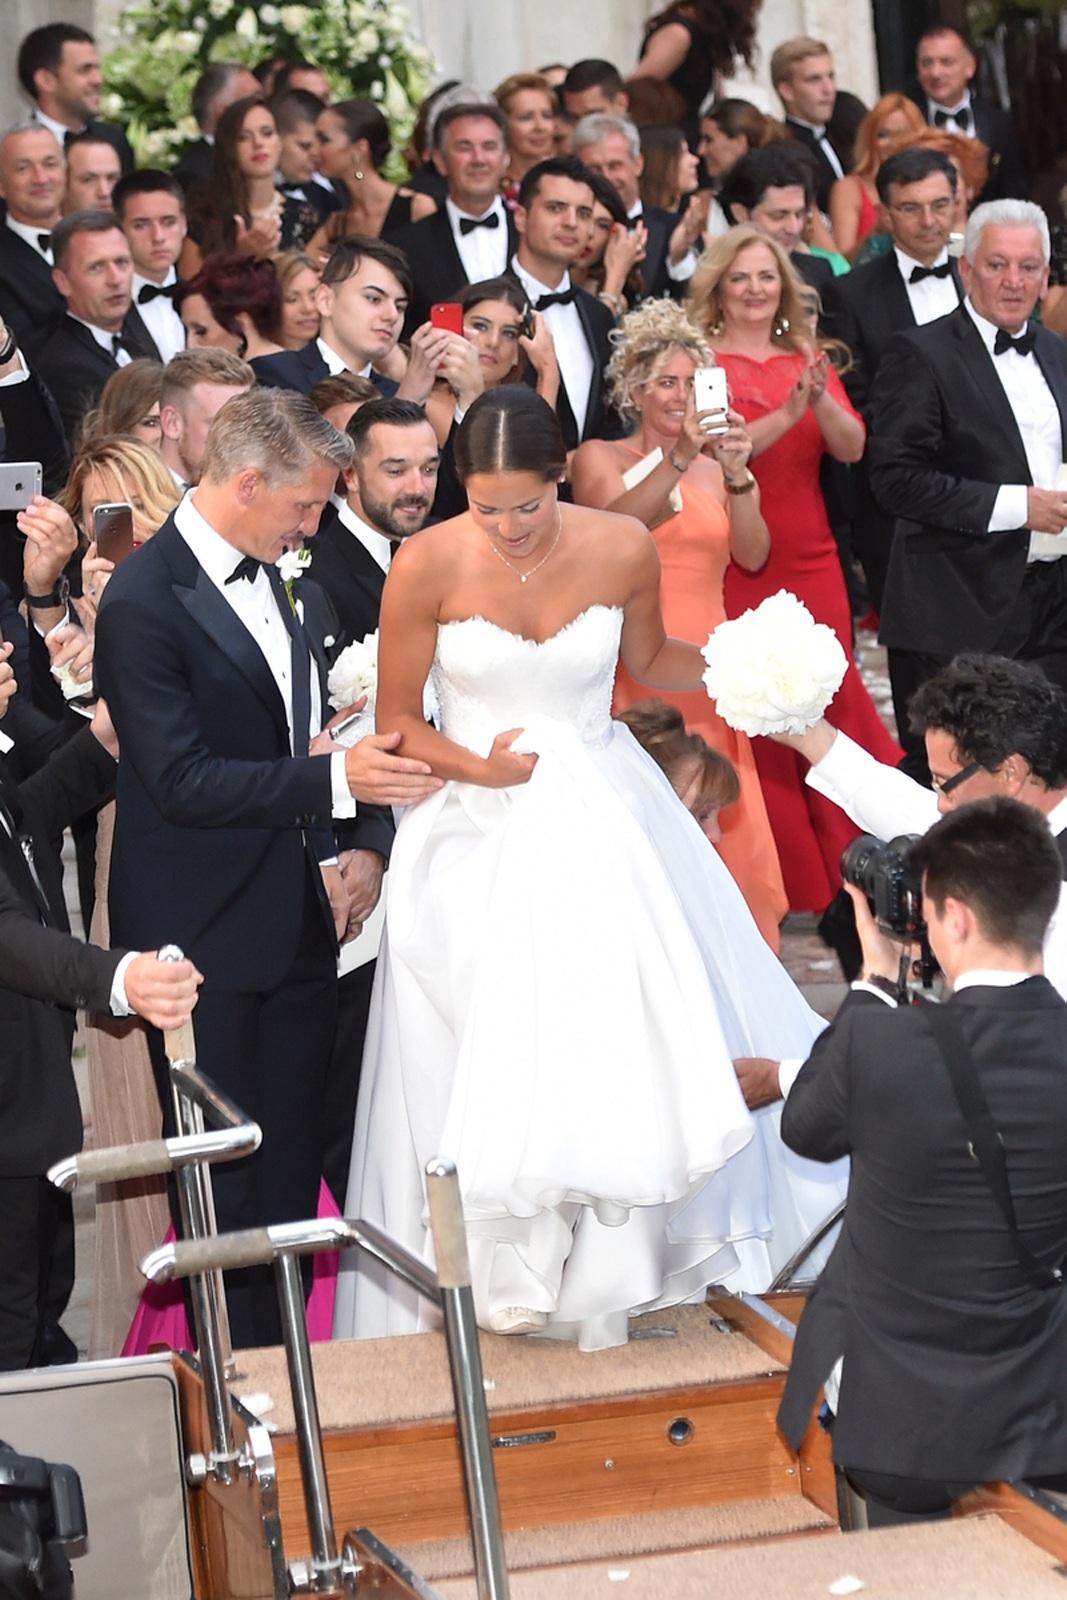 Hochzeit Von Bastian Schweinsteiger Und Ana Ivanovic In Venedig